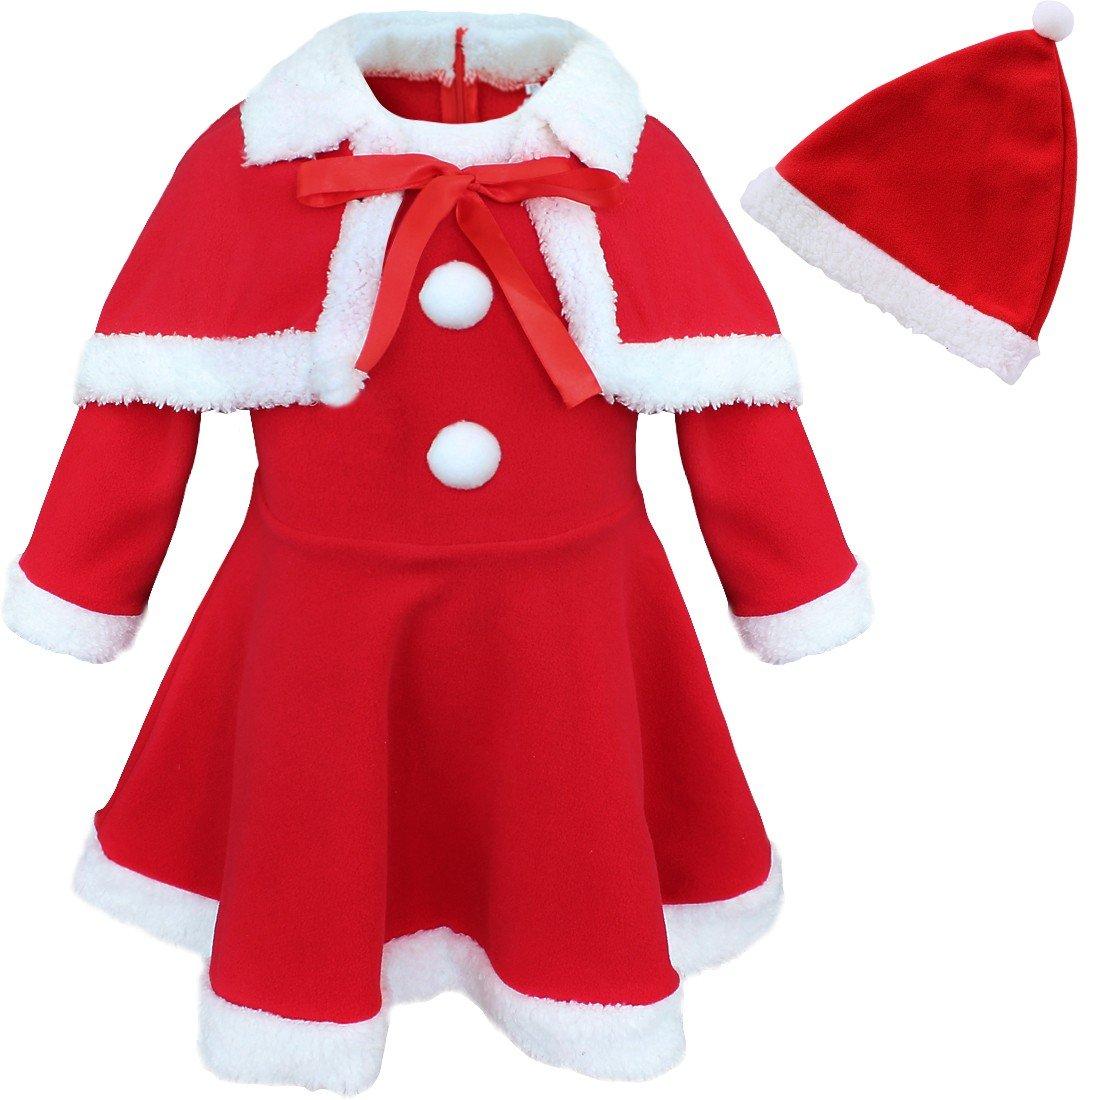 Tiaobug Baby Mädchen Kleidung Winter Warme Festlich Weihnachten Kleid Weihnachtskostüm Weihnachtskleid + Weihnachtsmütze + Umhang